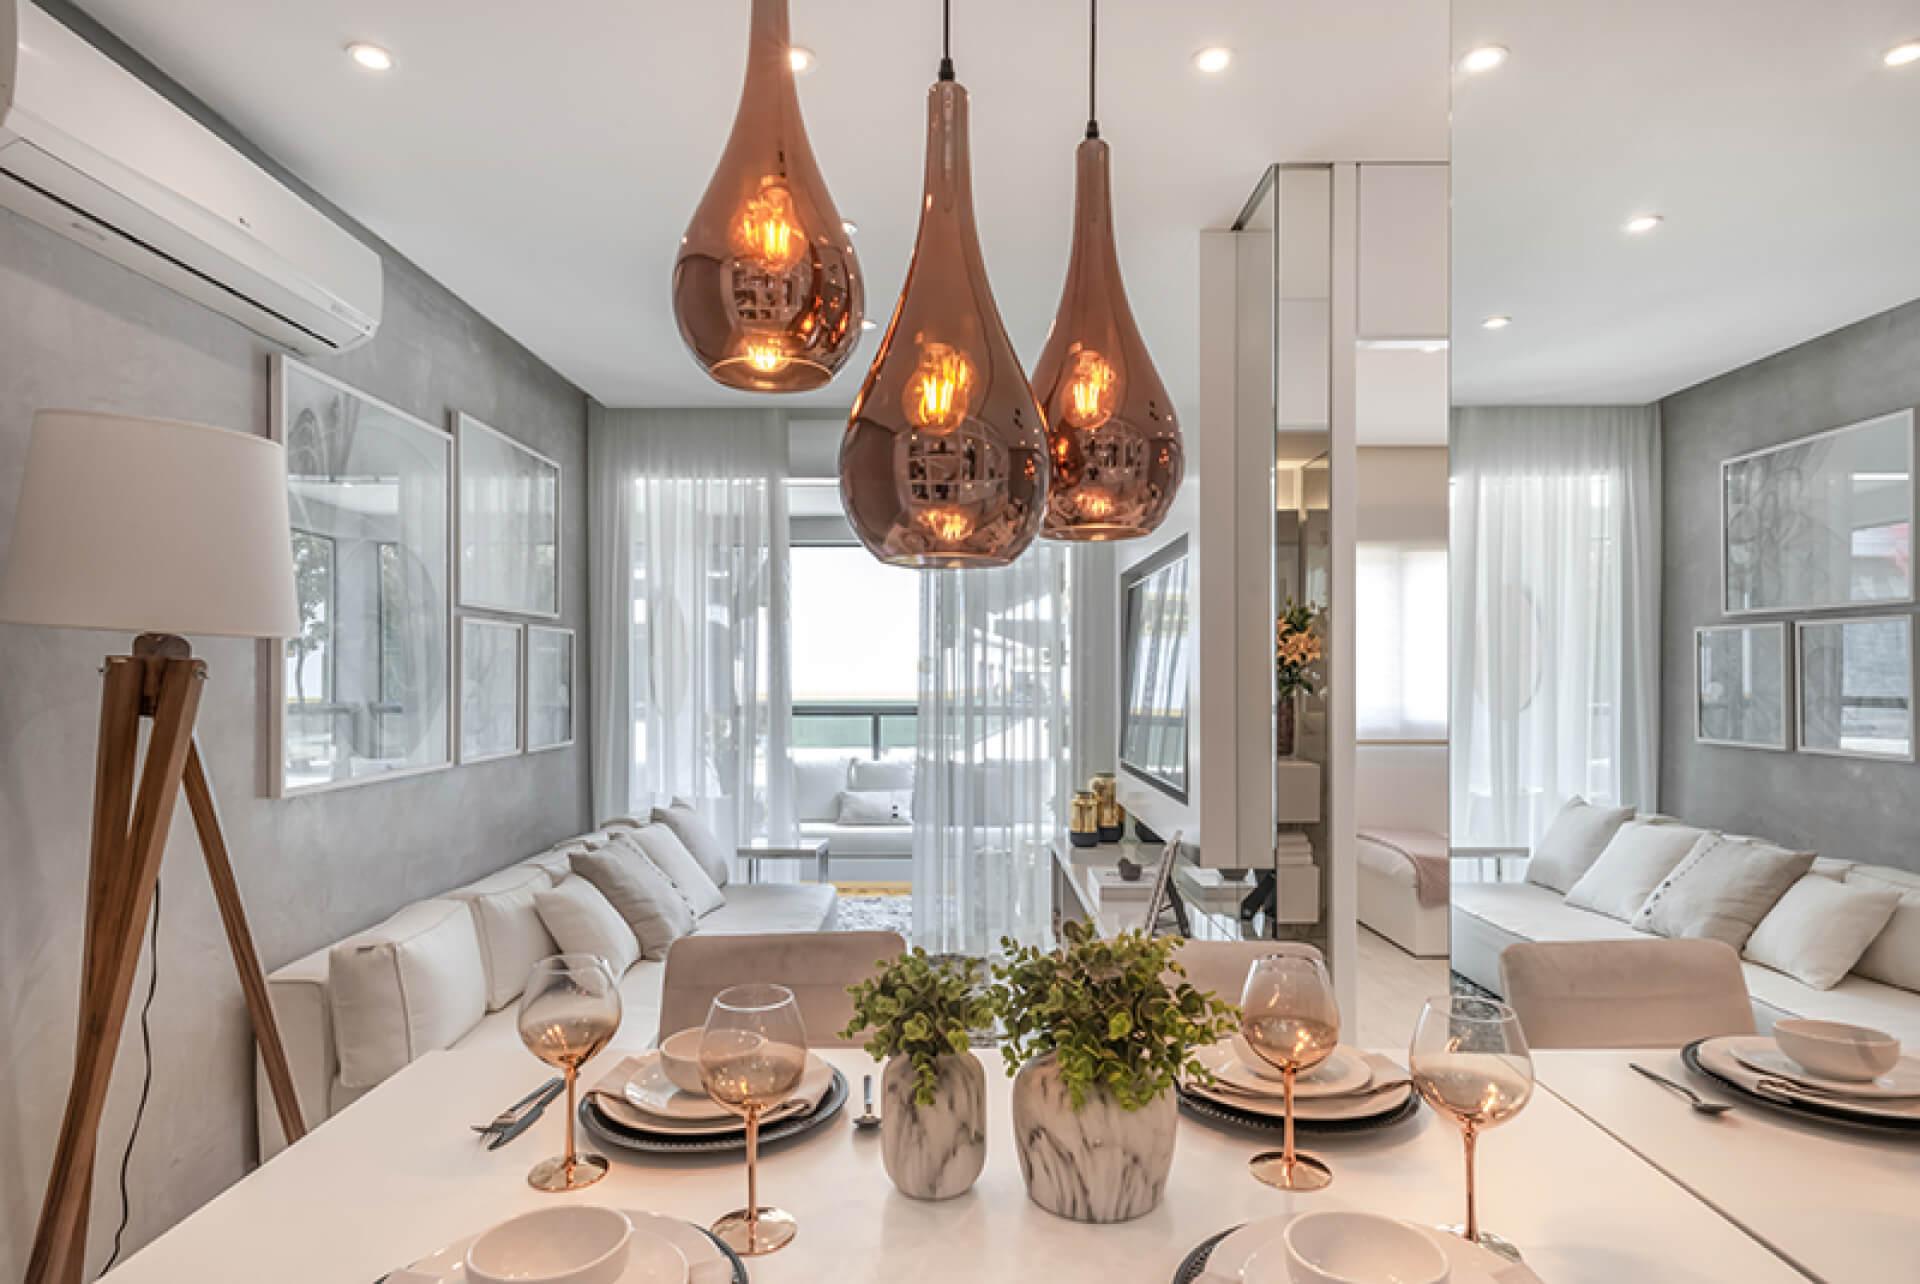 LIVING do apto de 59 m² que integra as salas de jantar e estar, favorecendo o convívio entre os ambientes. A varanda é uma extensão da área social que possui guarda-corpo em vidro, proporcionando vista da região e maior entrada de iluminação natural.